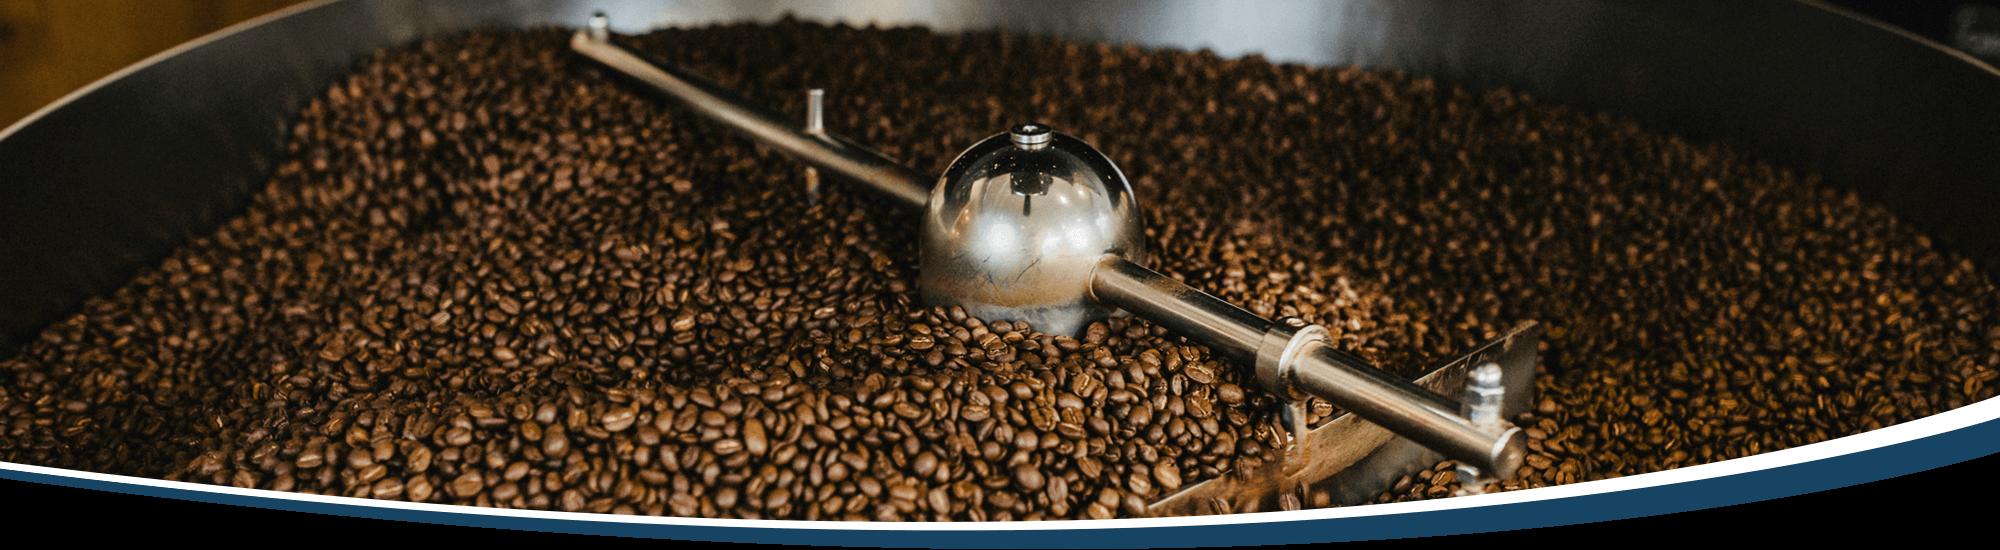 Im Kühlsieb des Kaffeerösters rotieren die frisch gerösteten Bohnen.